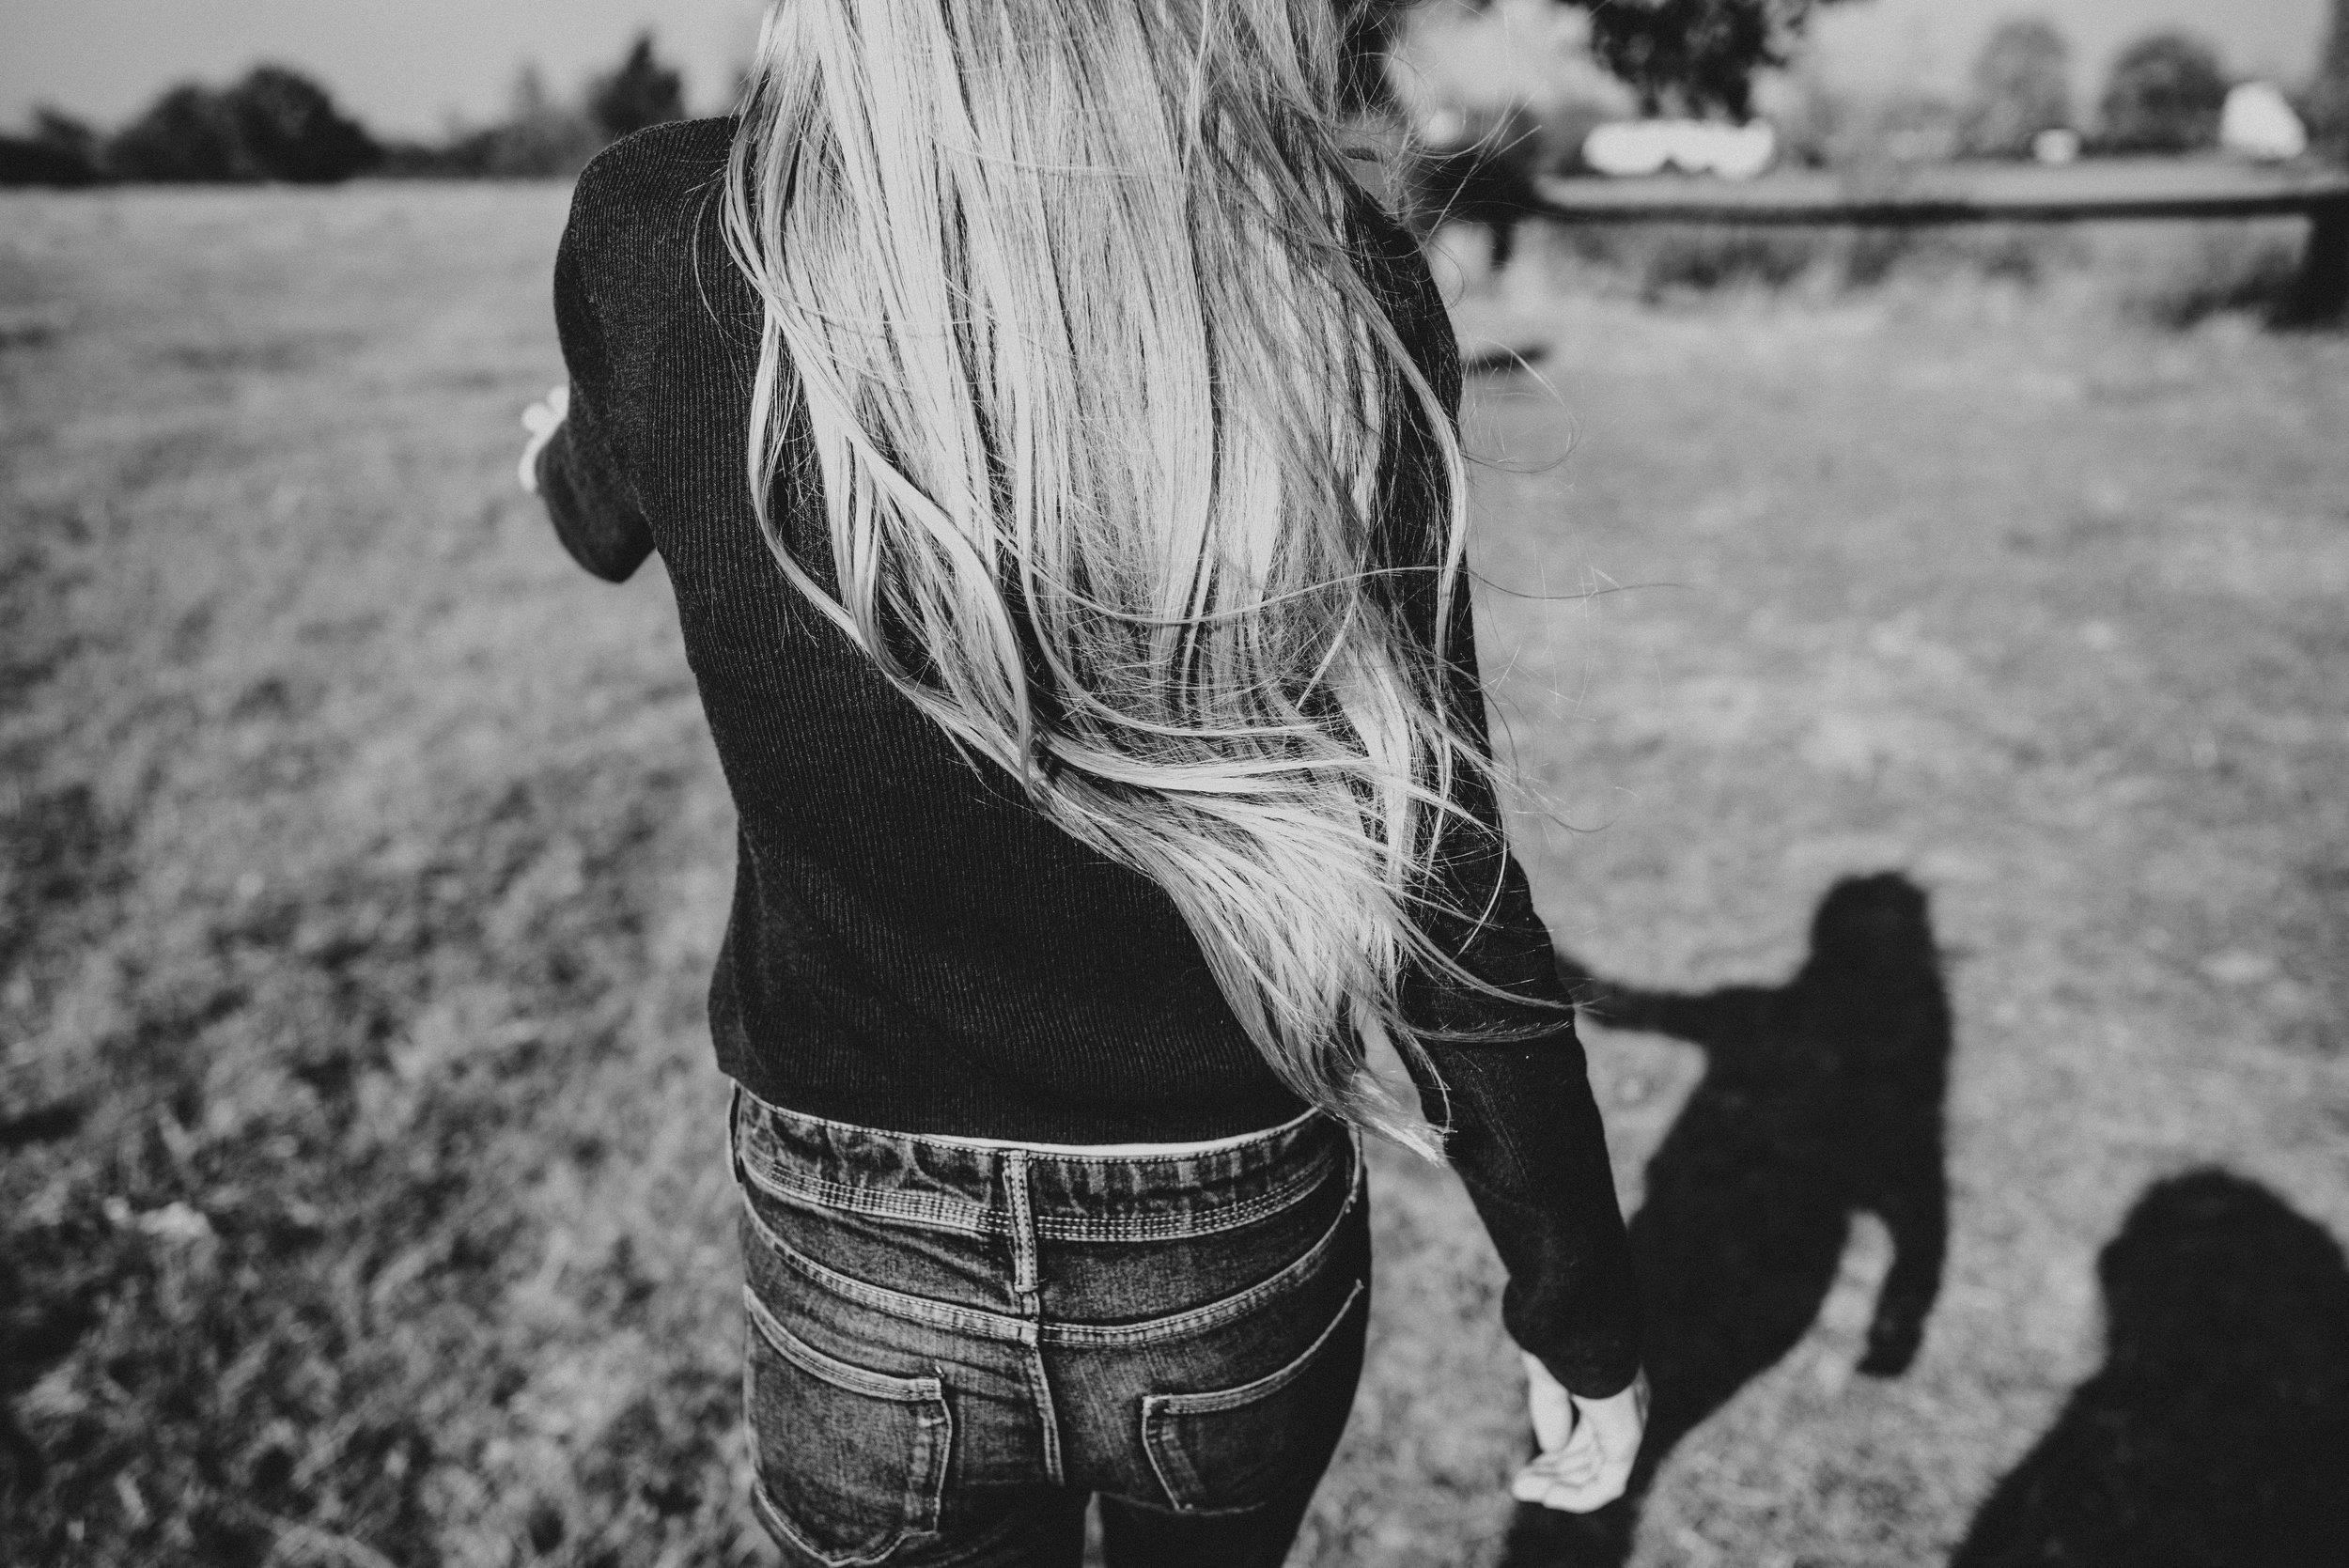 Teen girls long hair billowing Essex UK Documentary Wedding Photographer